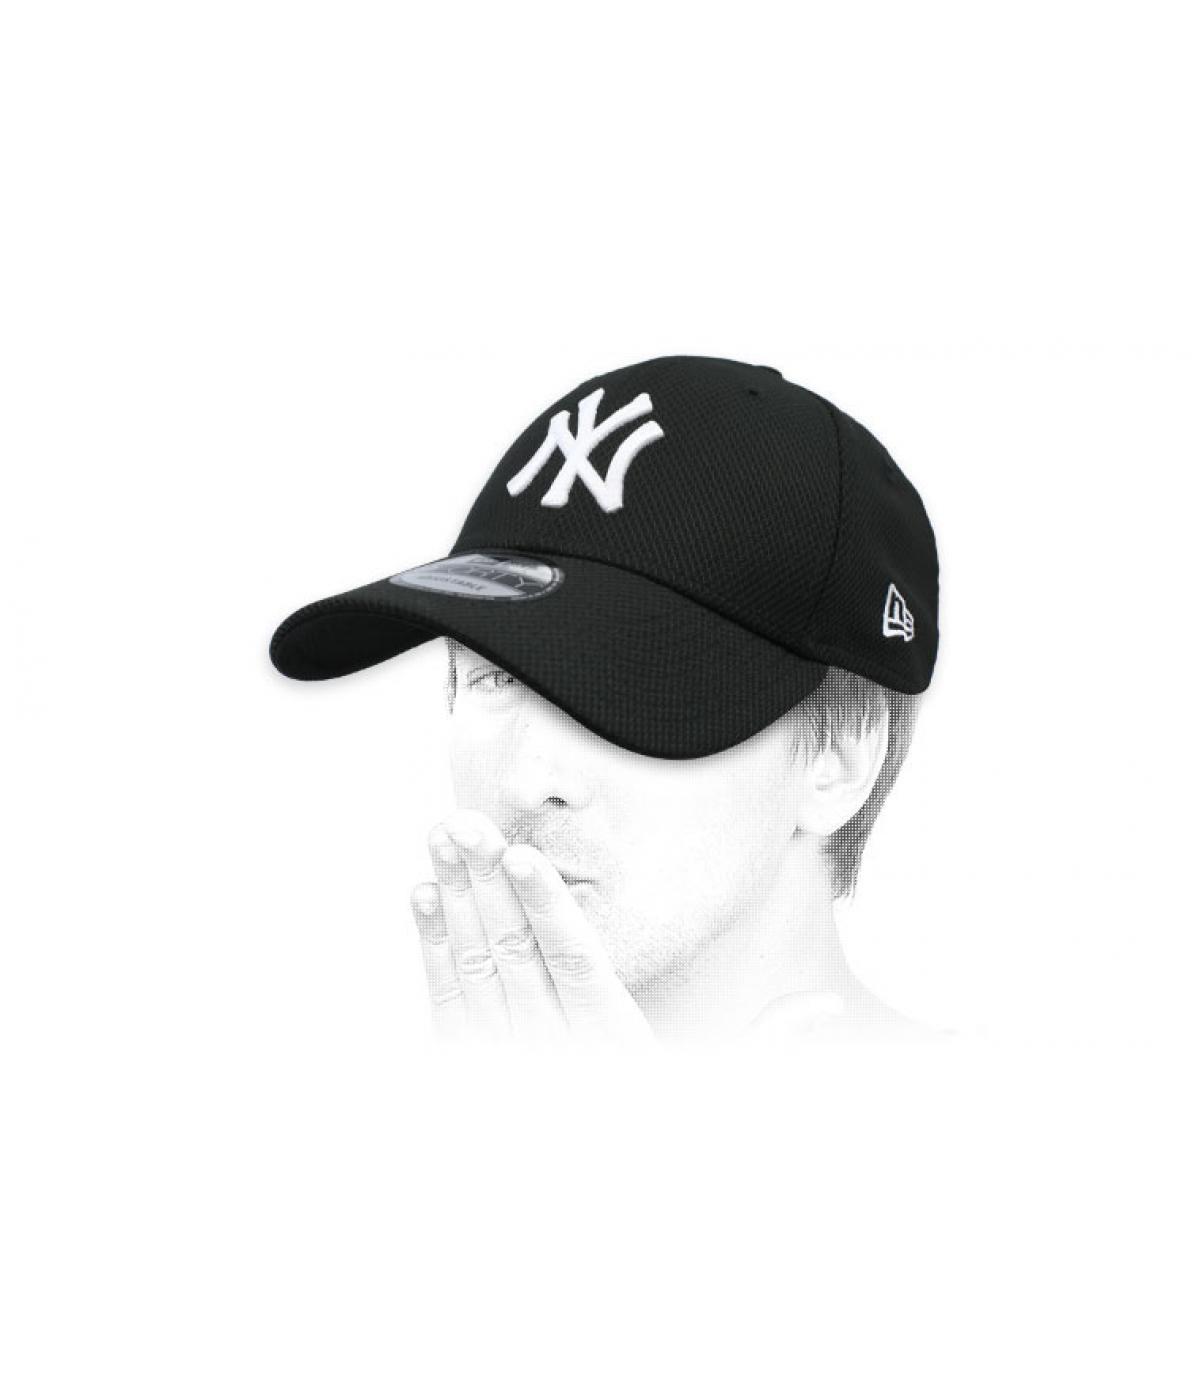 Cap schwarz NY Diamond